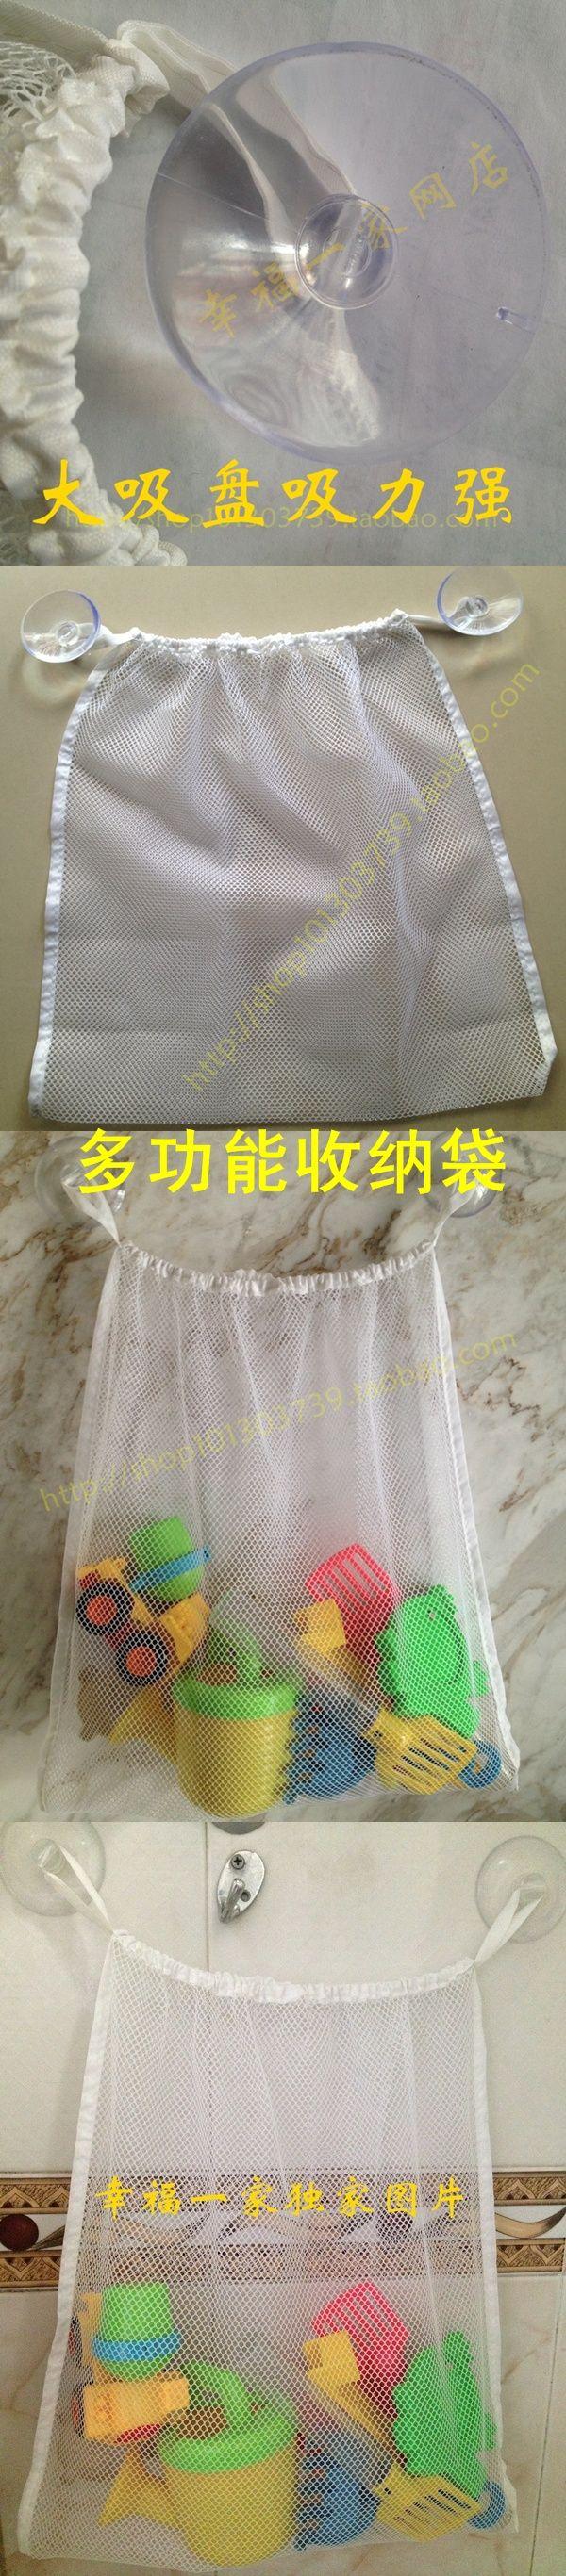 Ванные сумки мешок младенца ванна игрушки игрушки для купания купаться Network Storage сумка / мешок присоски - Taobao